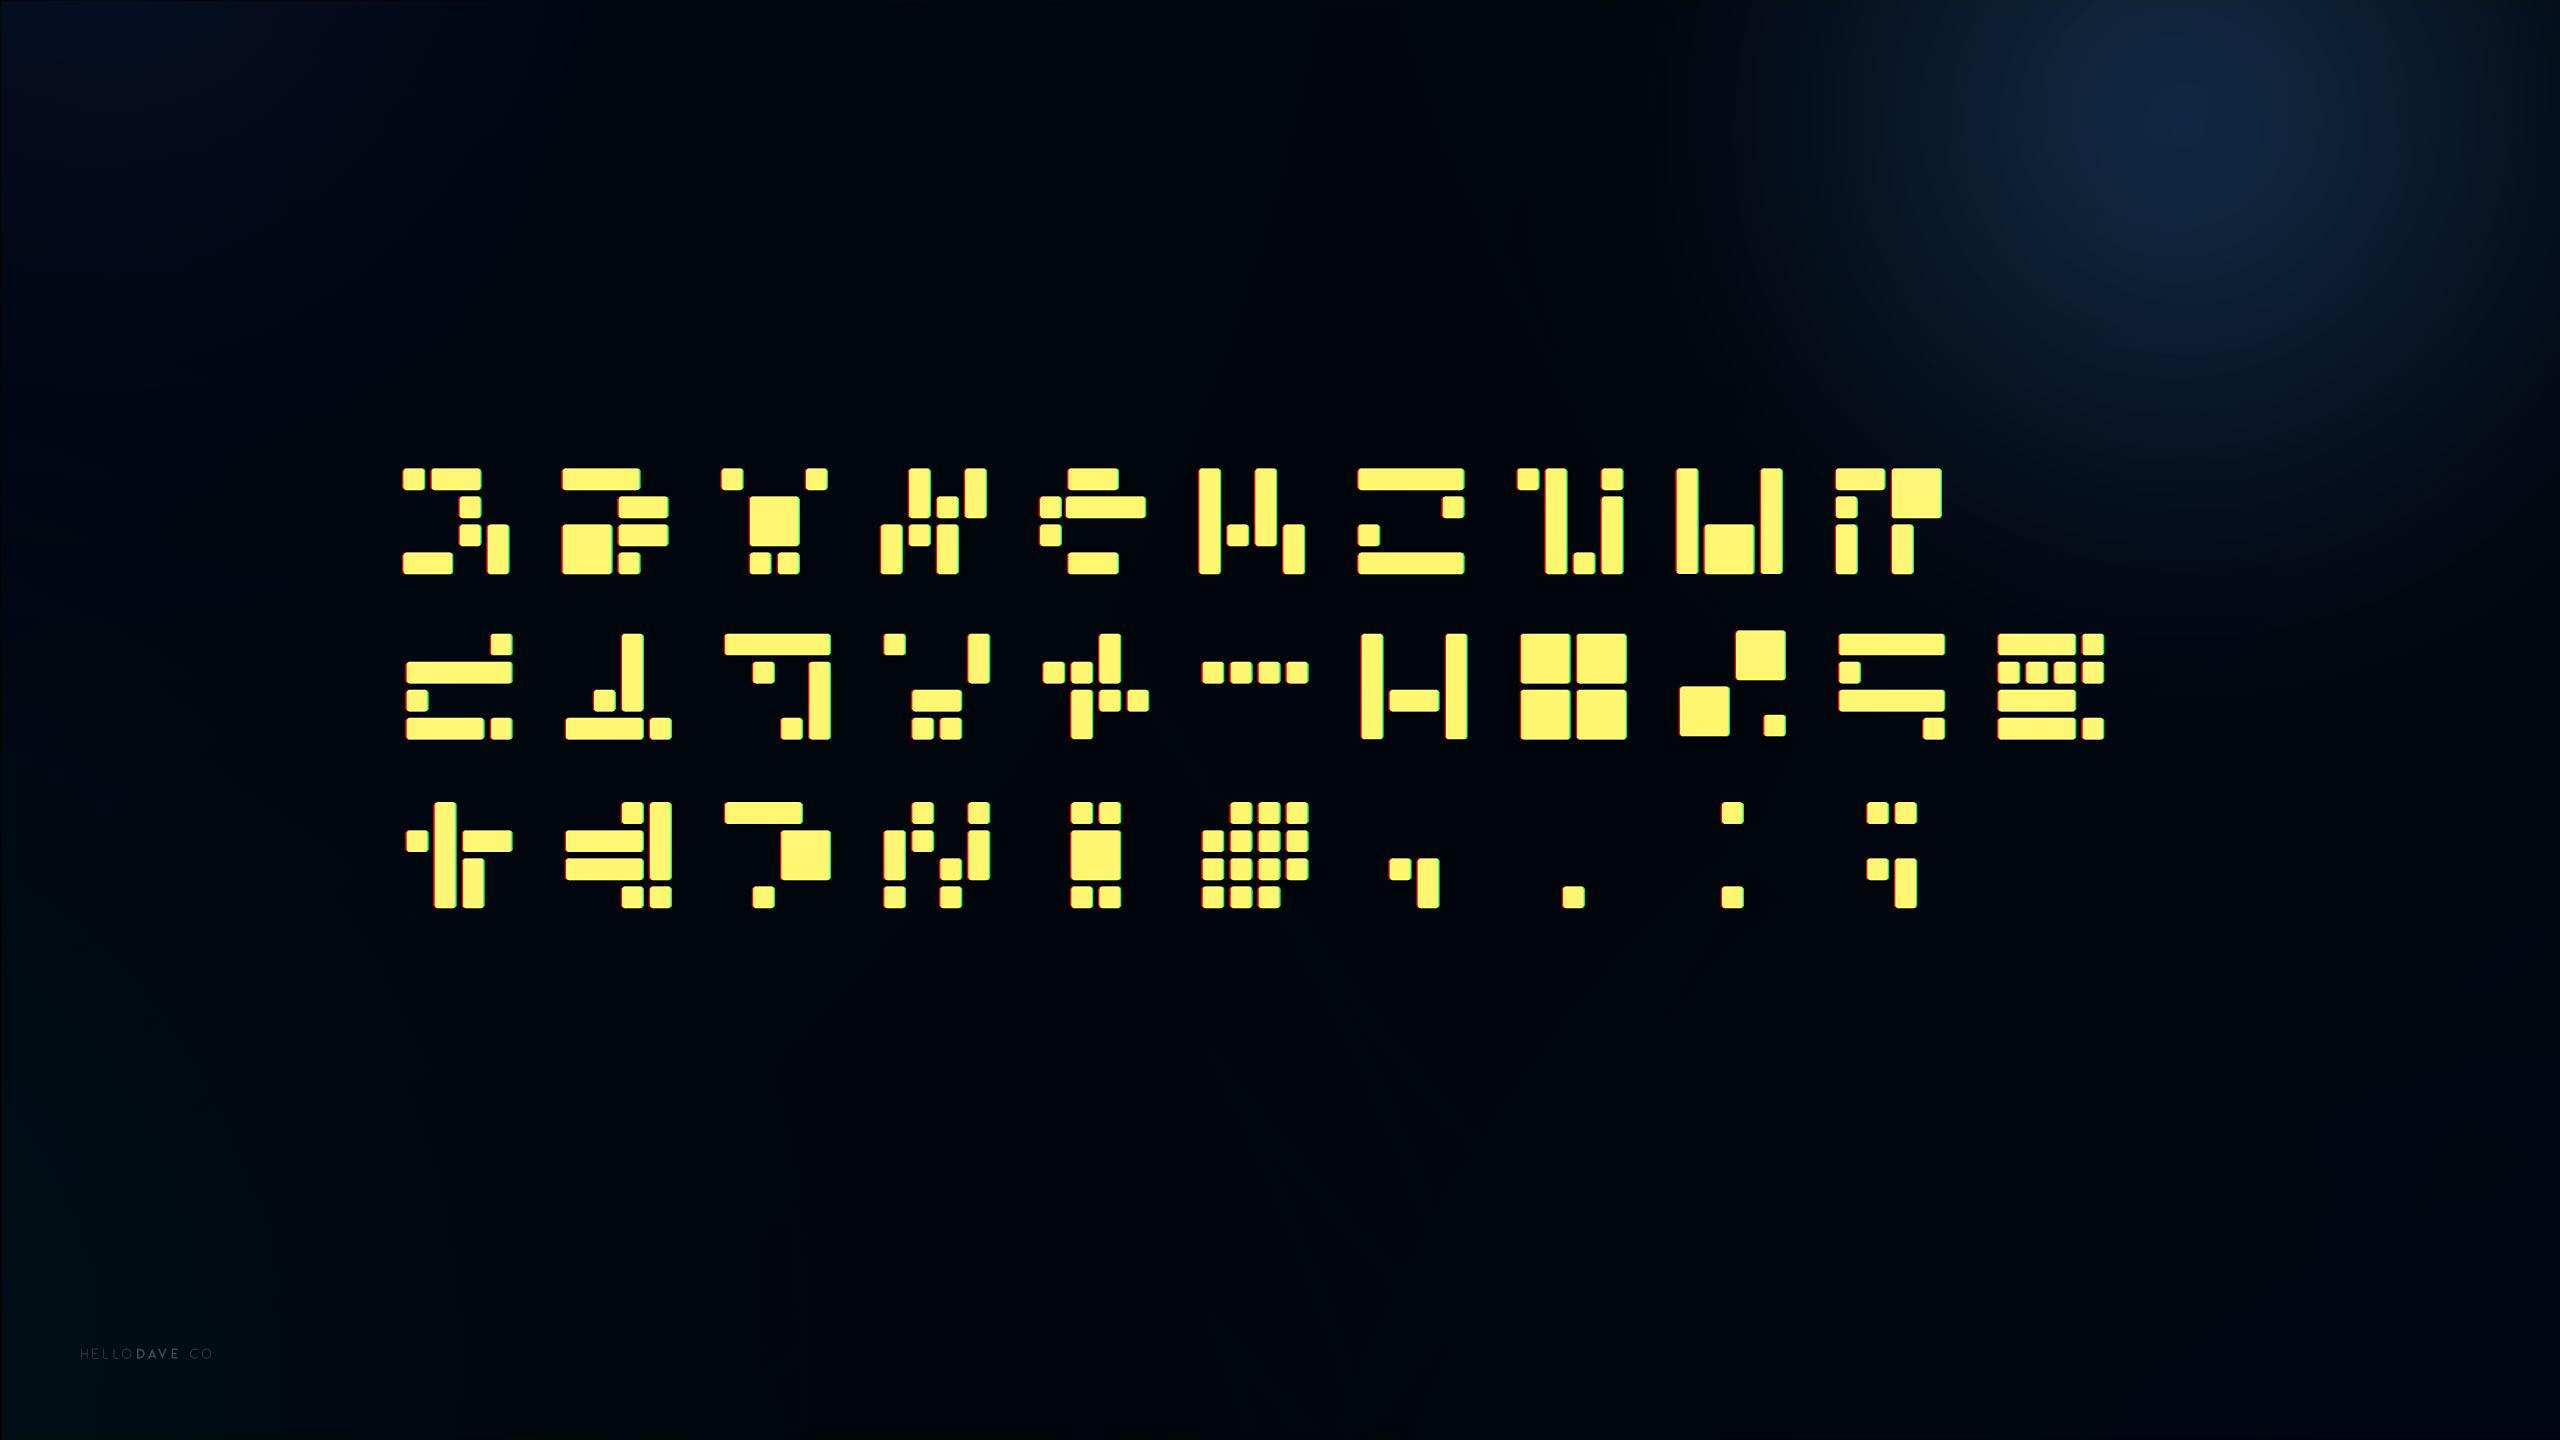 Alien_Infograph_05_montage_2560px